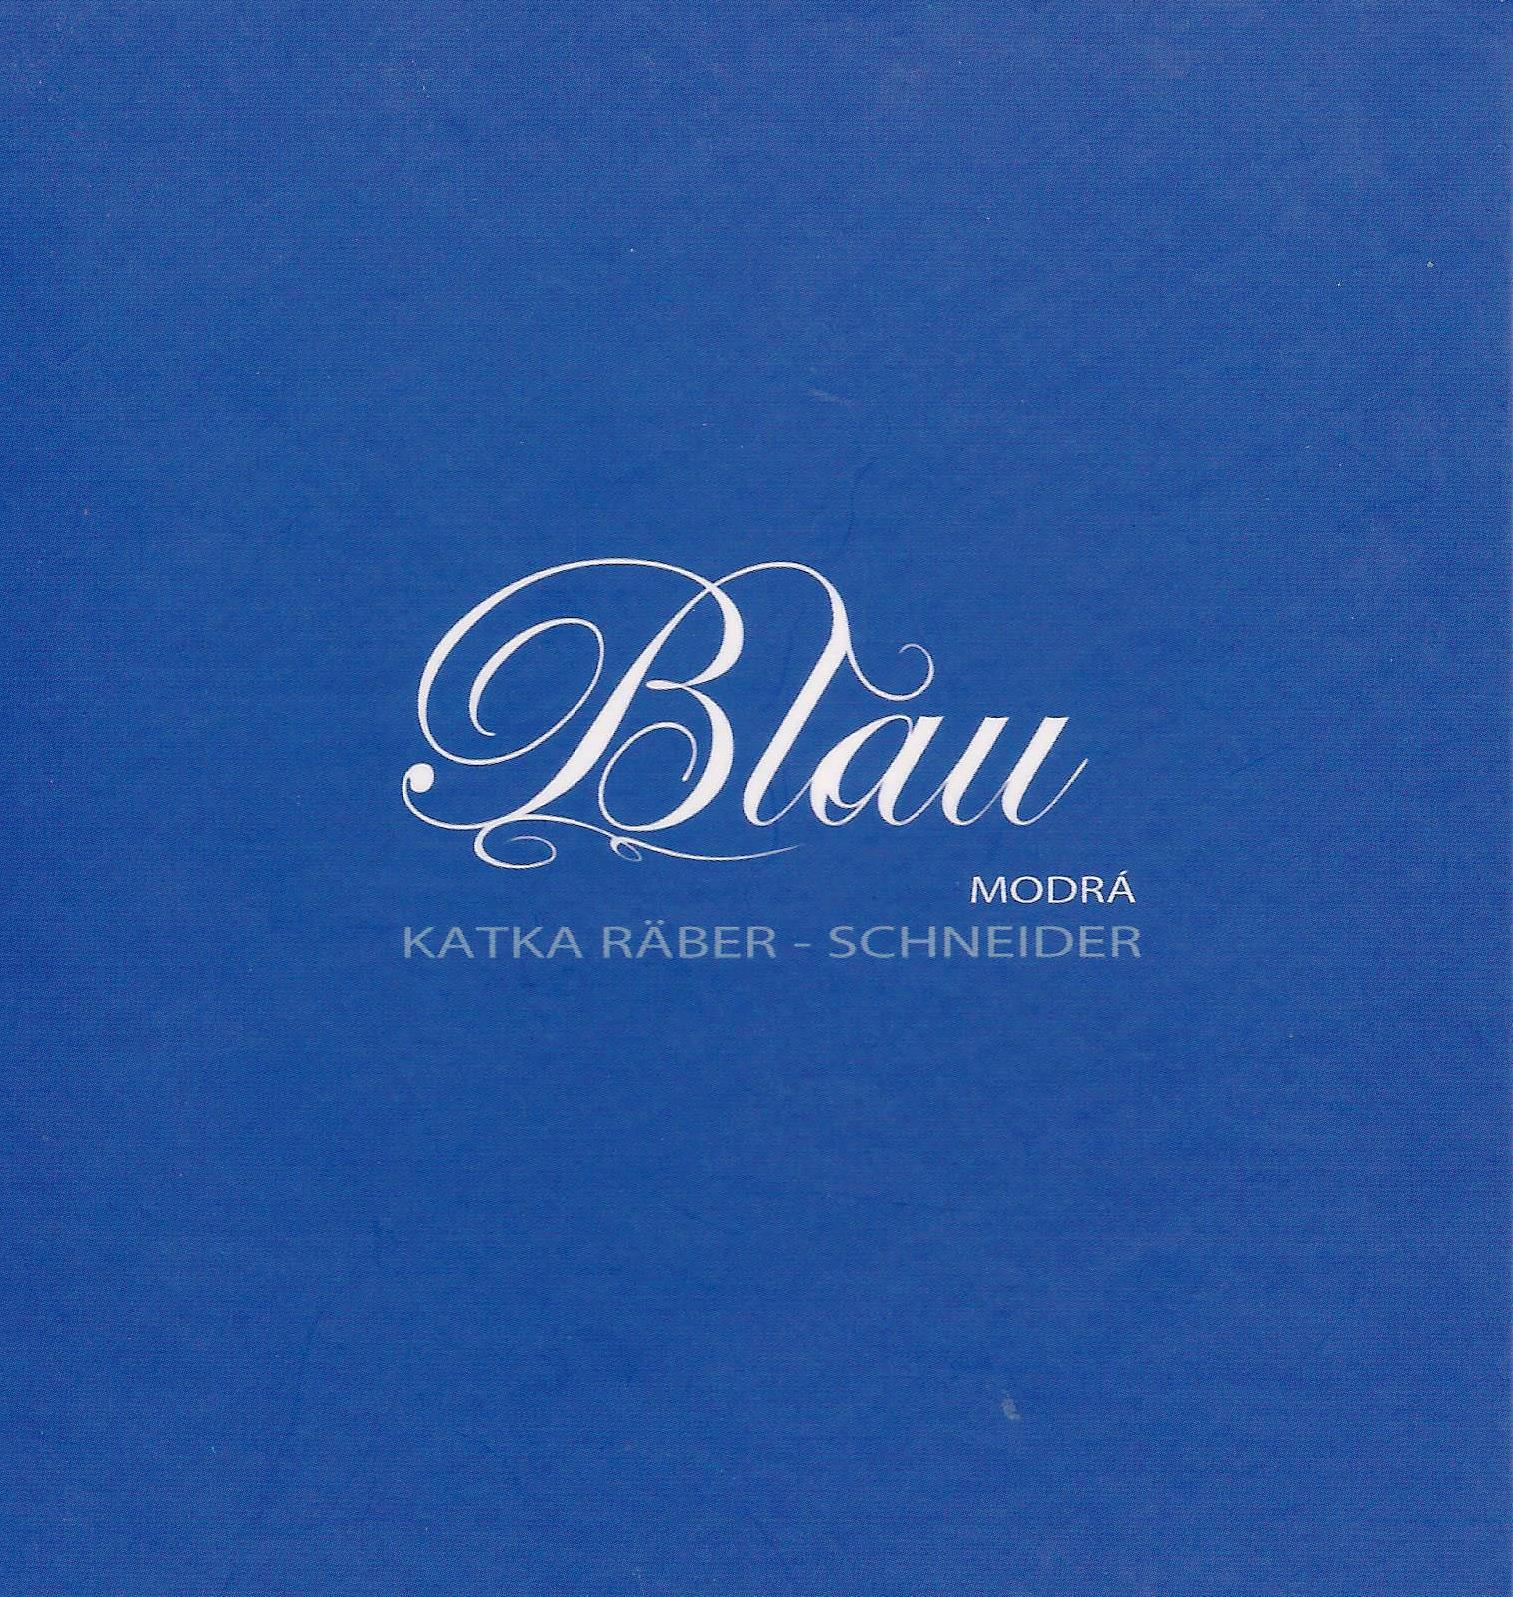 Blau-Katka-Raeber-Schneider